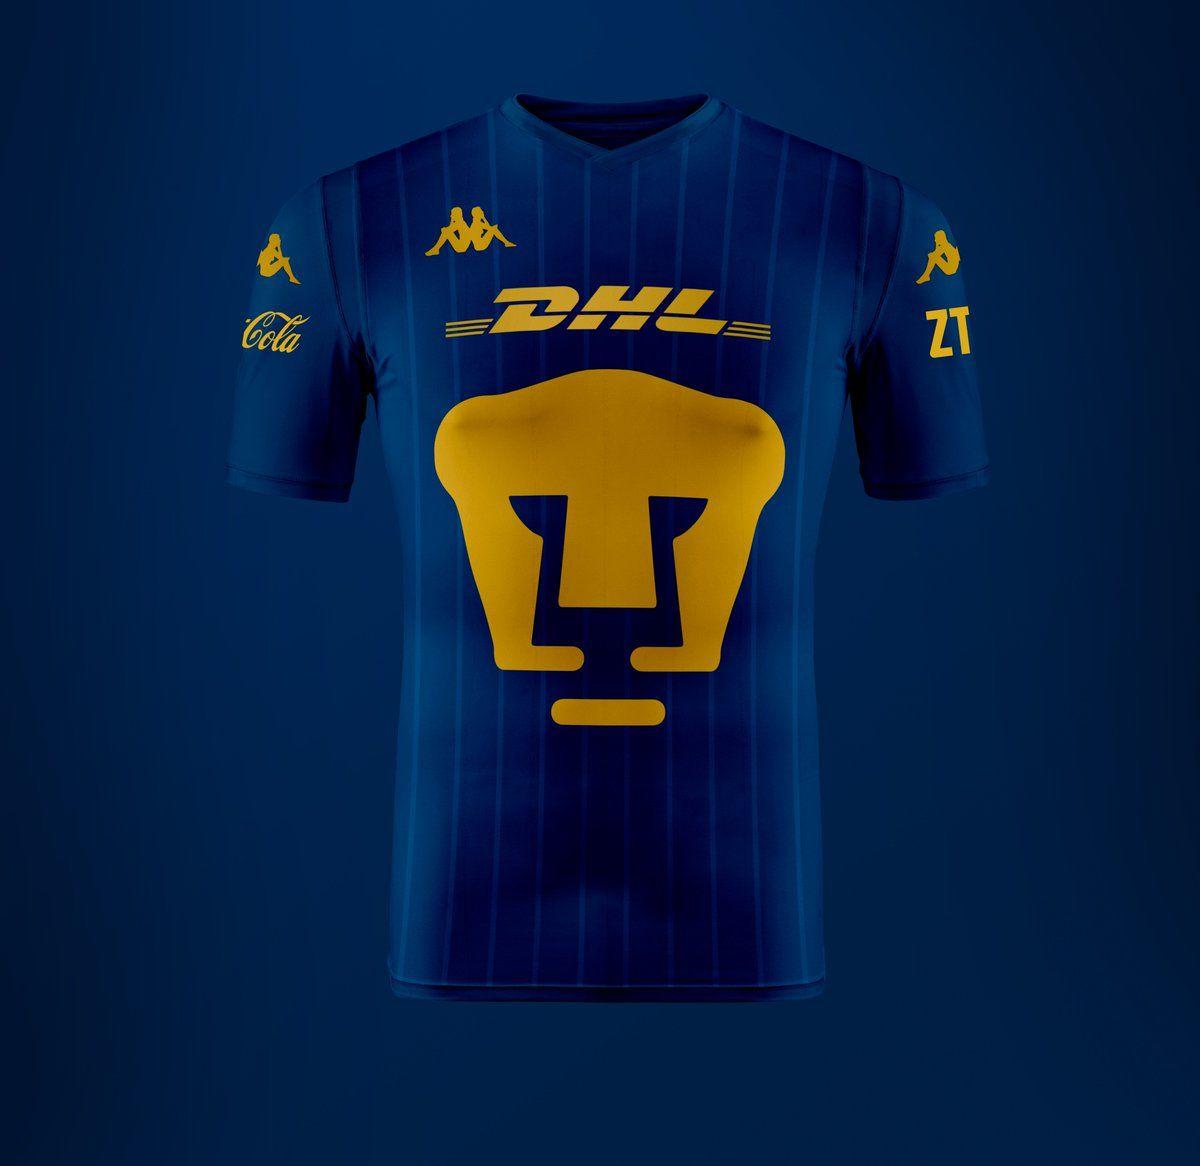 a5af740fd9 Jerseys de la Liga MX al estilo Kappa - Futbol Total | Jerseys y ...